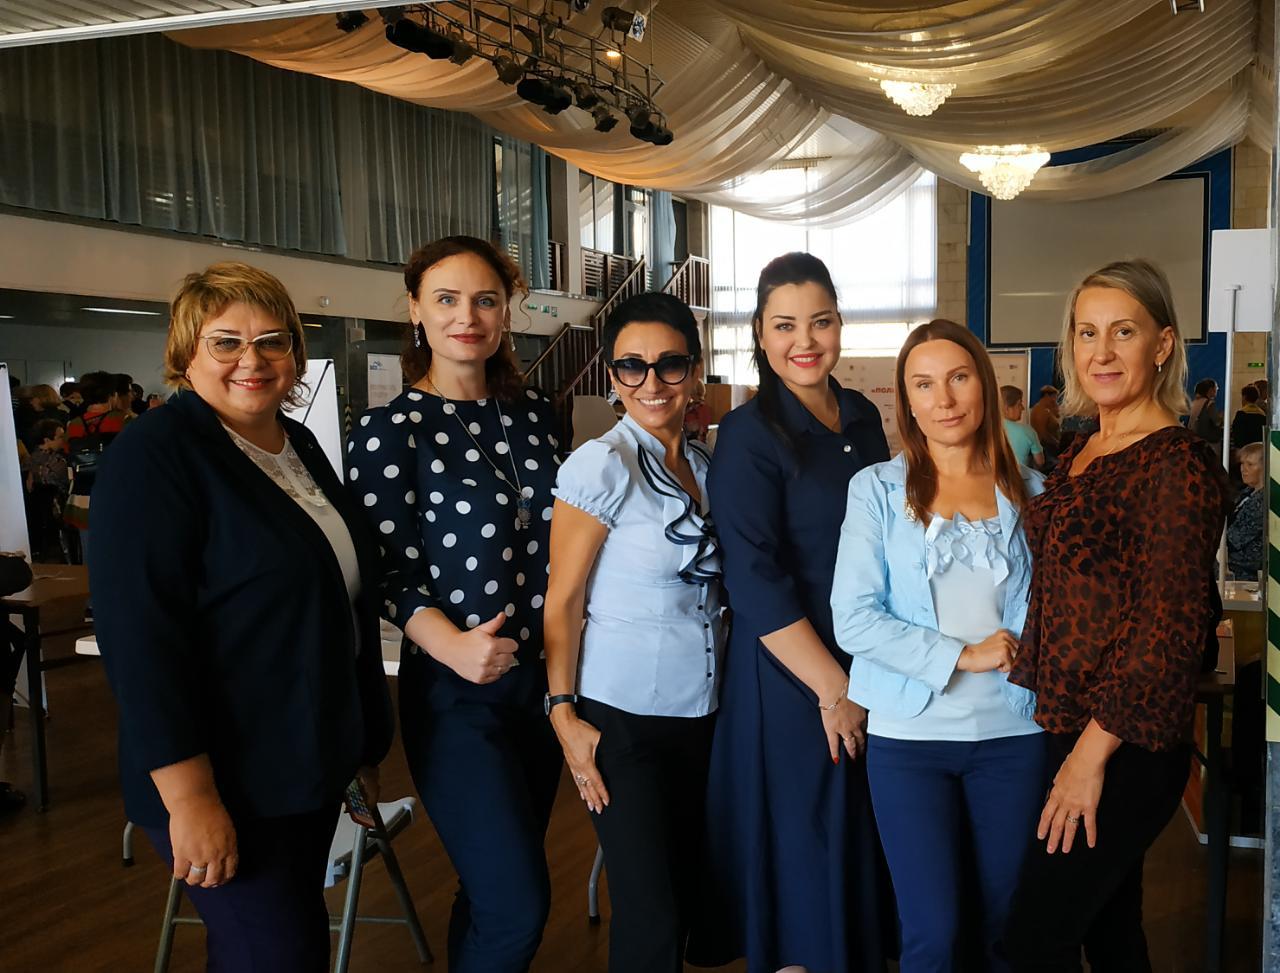 Третий год подряд Приморское краевое отделение «ОПОРА РОССИИ» принимает активное участие в Краевом форуме -ярмарке «Полезно пенсионерам».